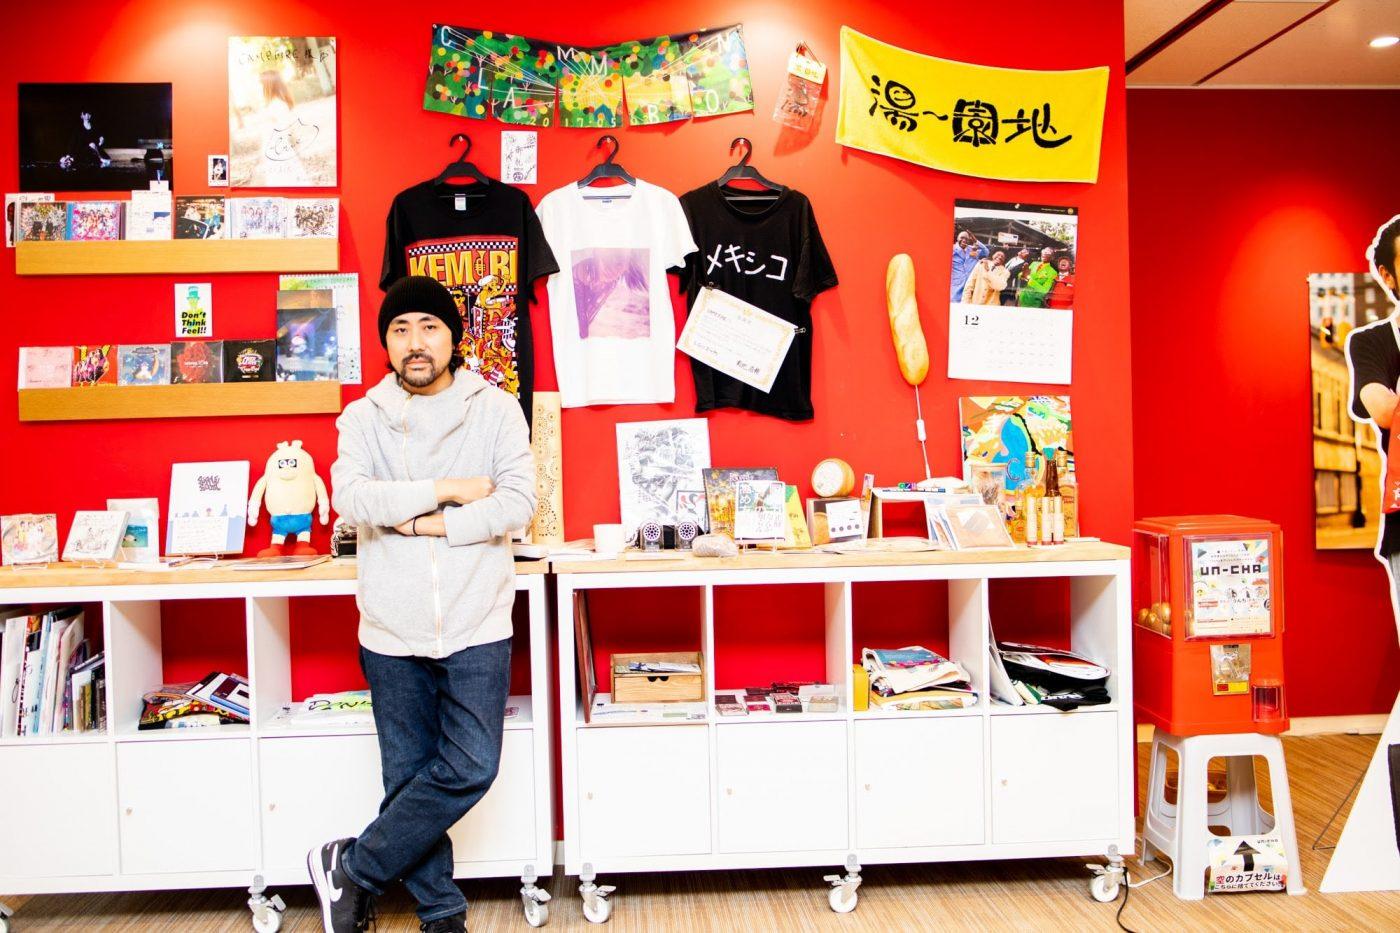 僕は今、たまたま日本で生まれて、日本で活動しているわけですけれど、だからこそ日本で今事業を起こす意味、というものを考えます。